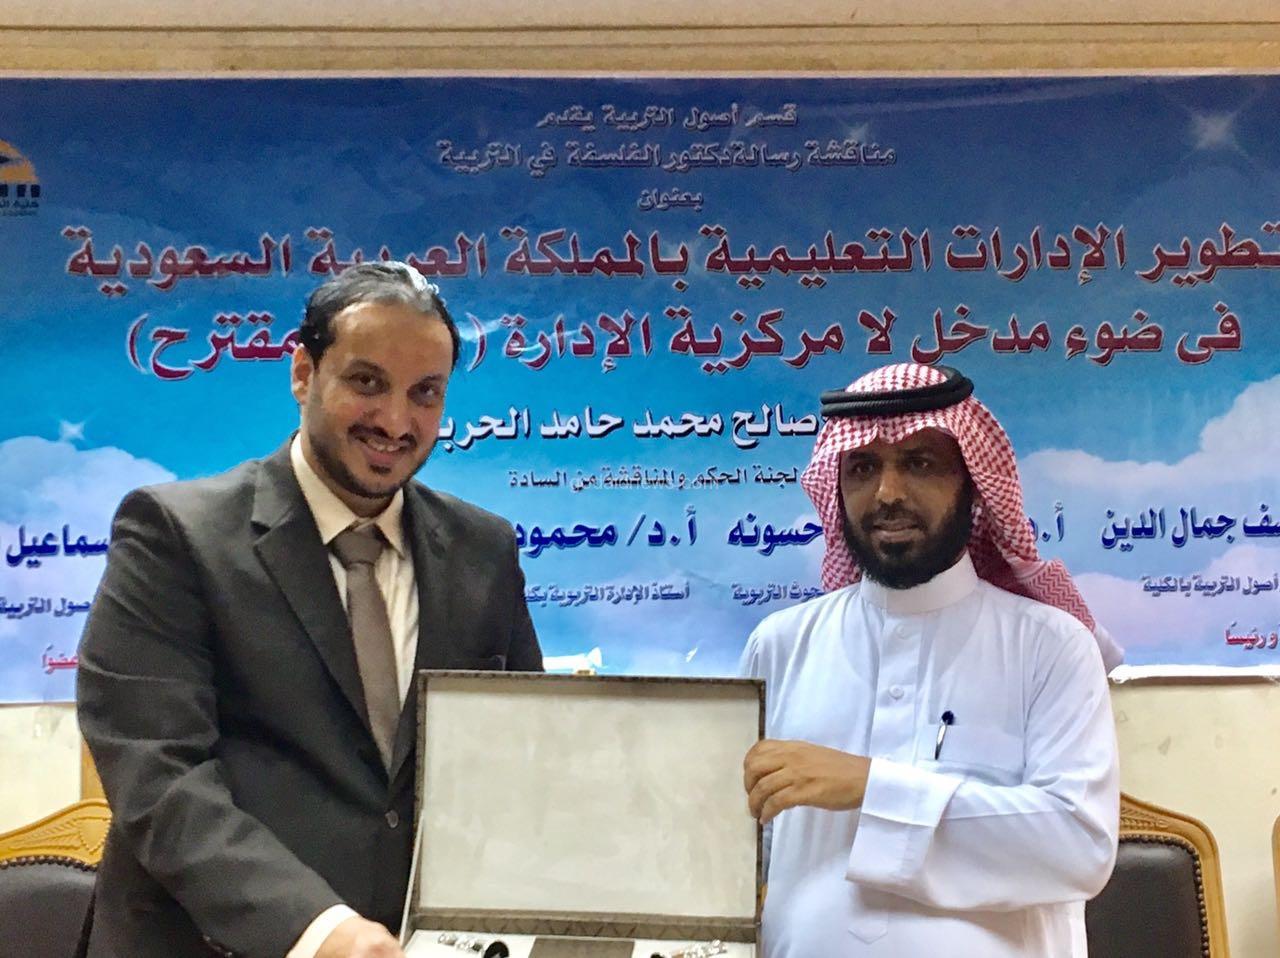 القريقري يكرم السليمي لحصوله على الدكتوراة بجامعة القاهرة